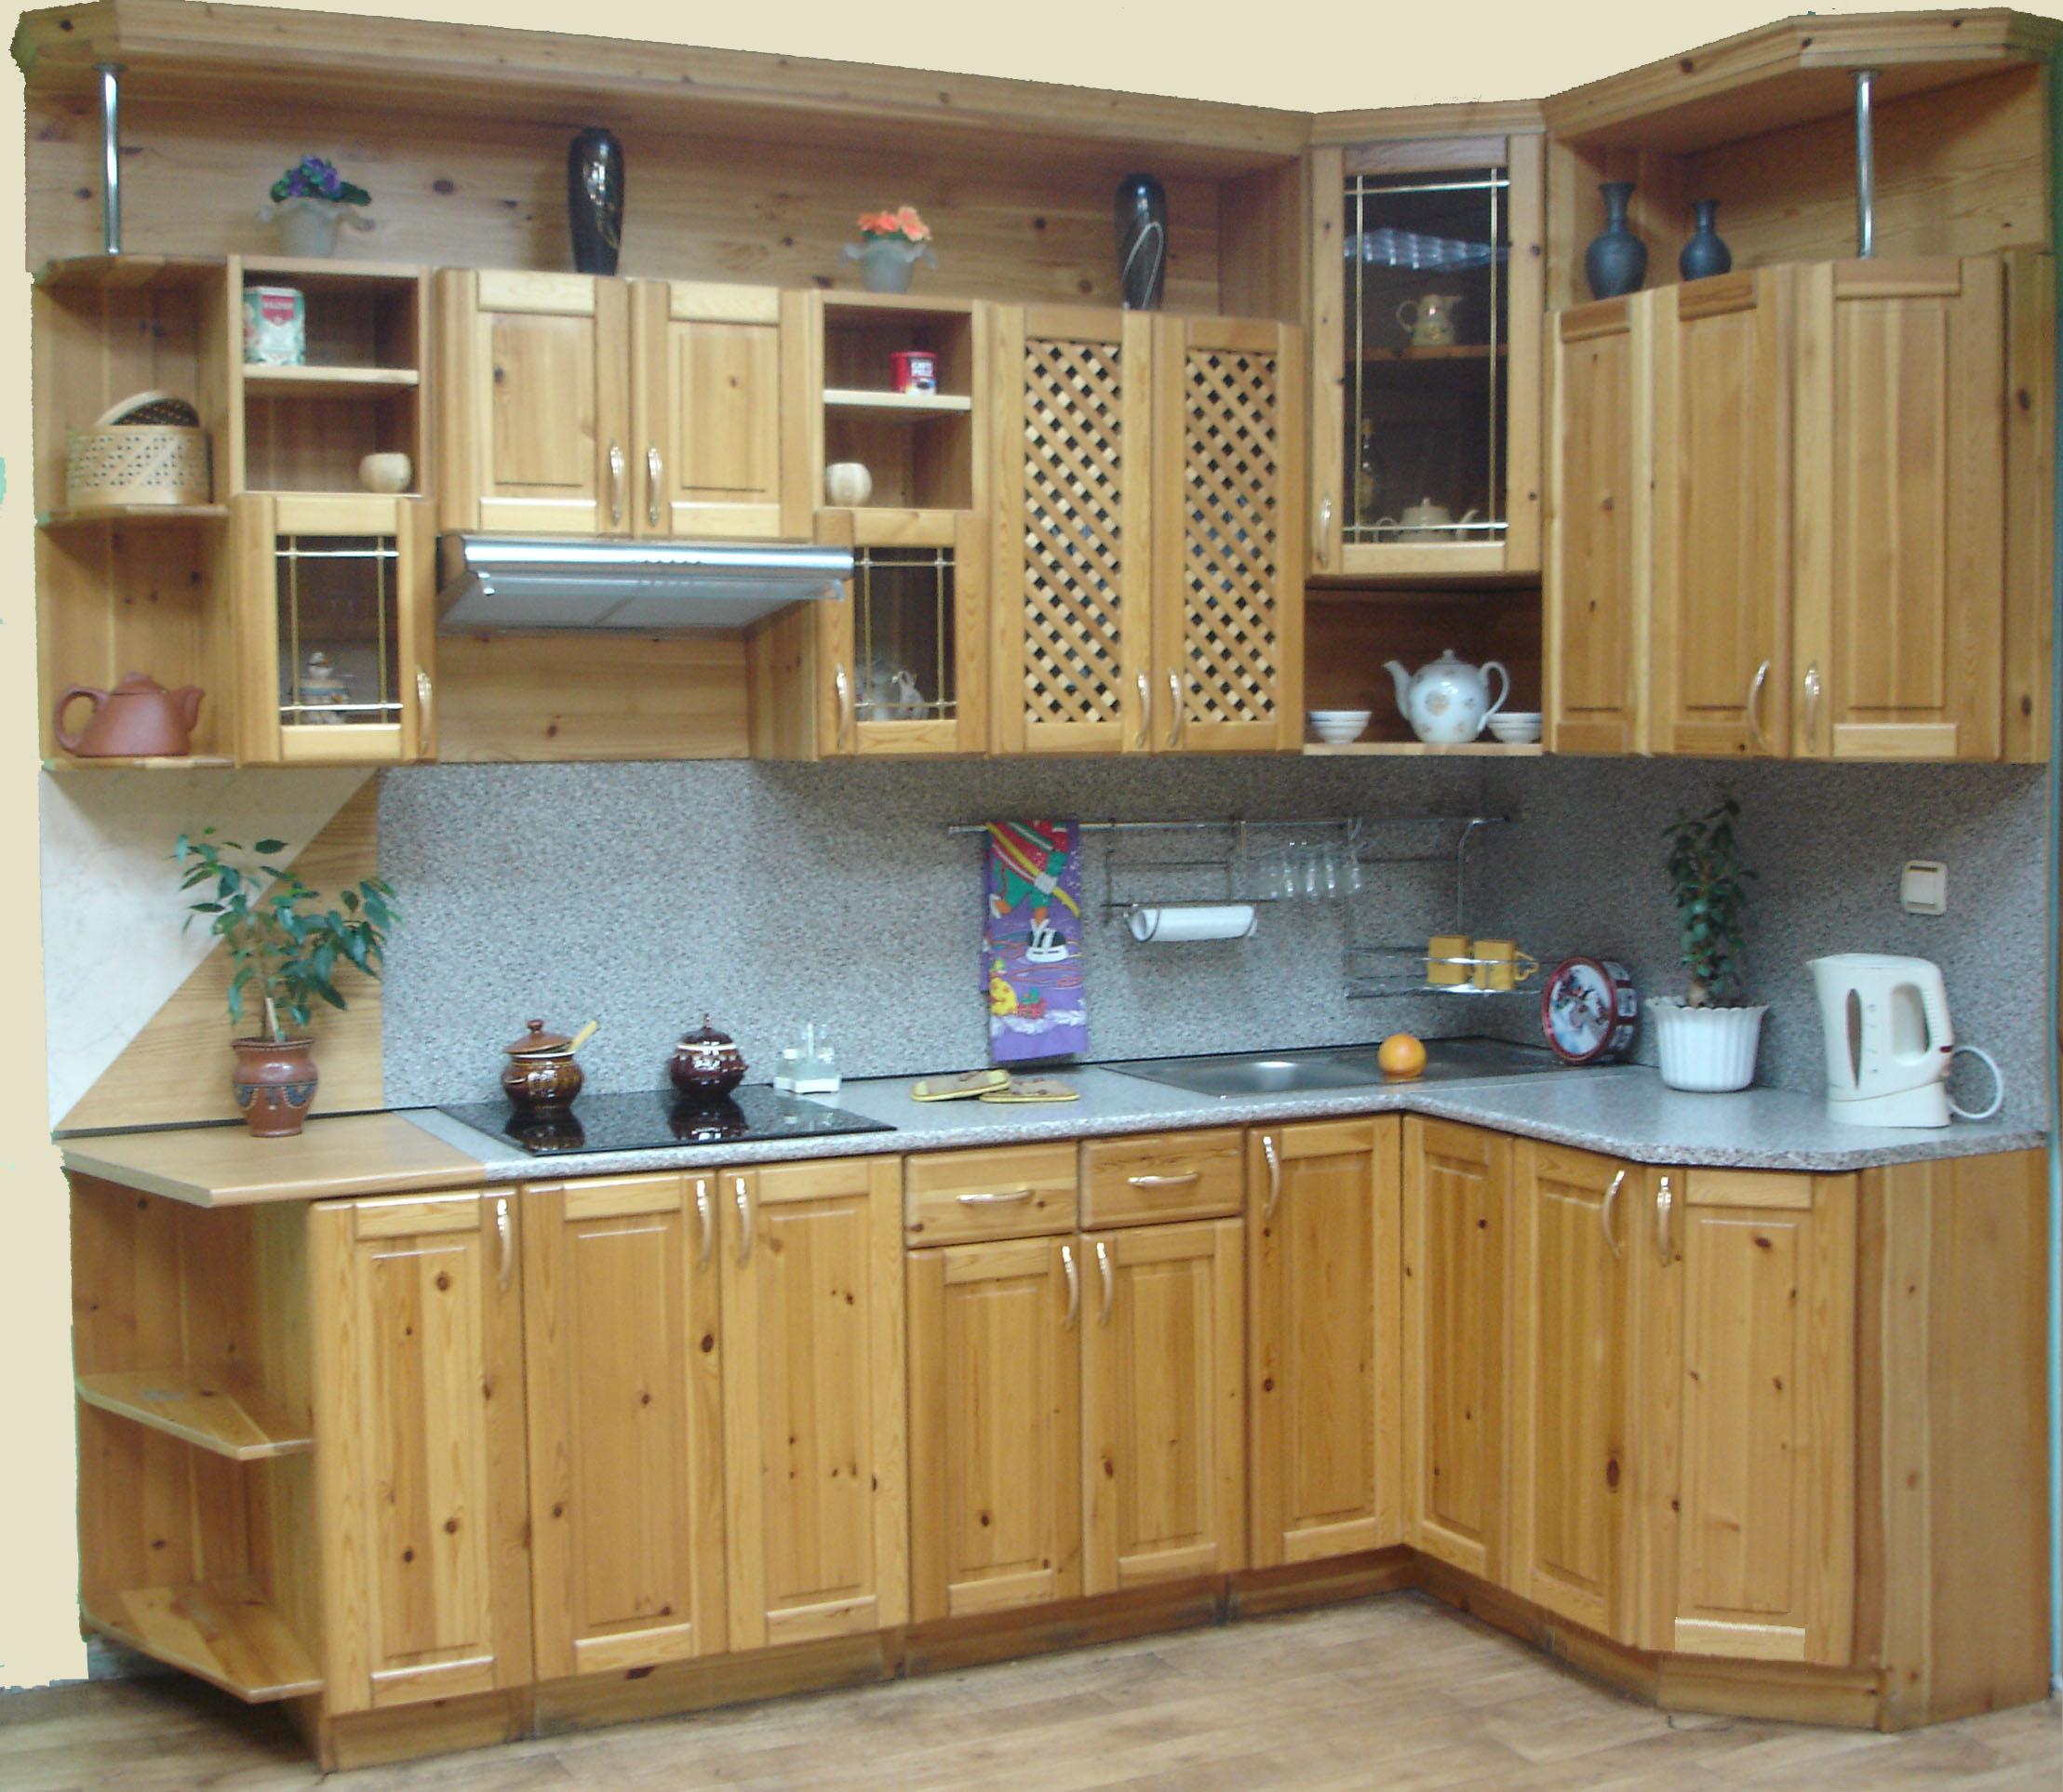 Кухня своими руками с нуля. Подробный рассказ от первого лица 66